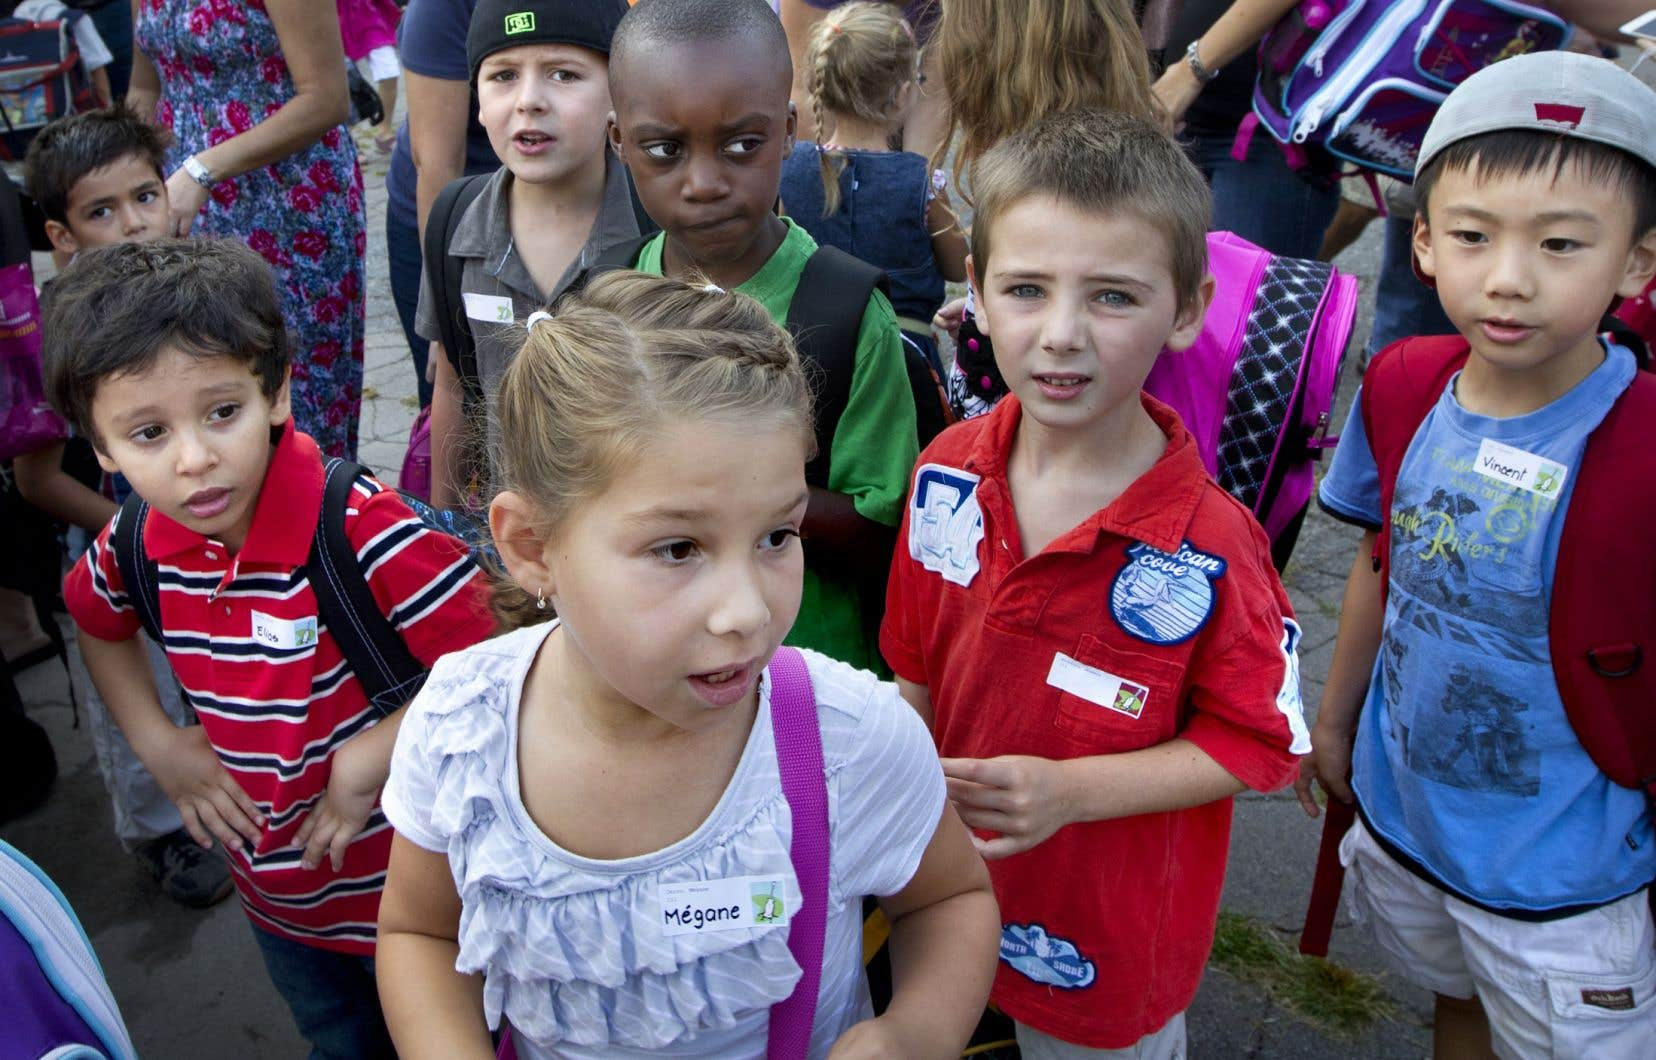 Les enfants et les jeunes ne sont pas en attente de «la vraie vie»: ils sont déjà citoyens de leur monde, soulignent les auteurs.